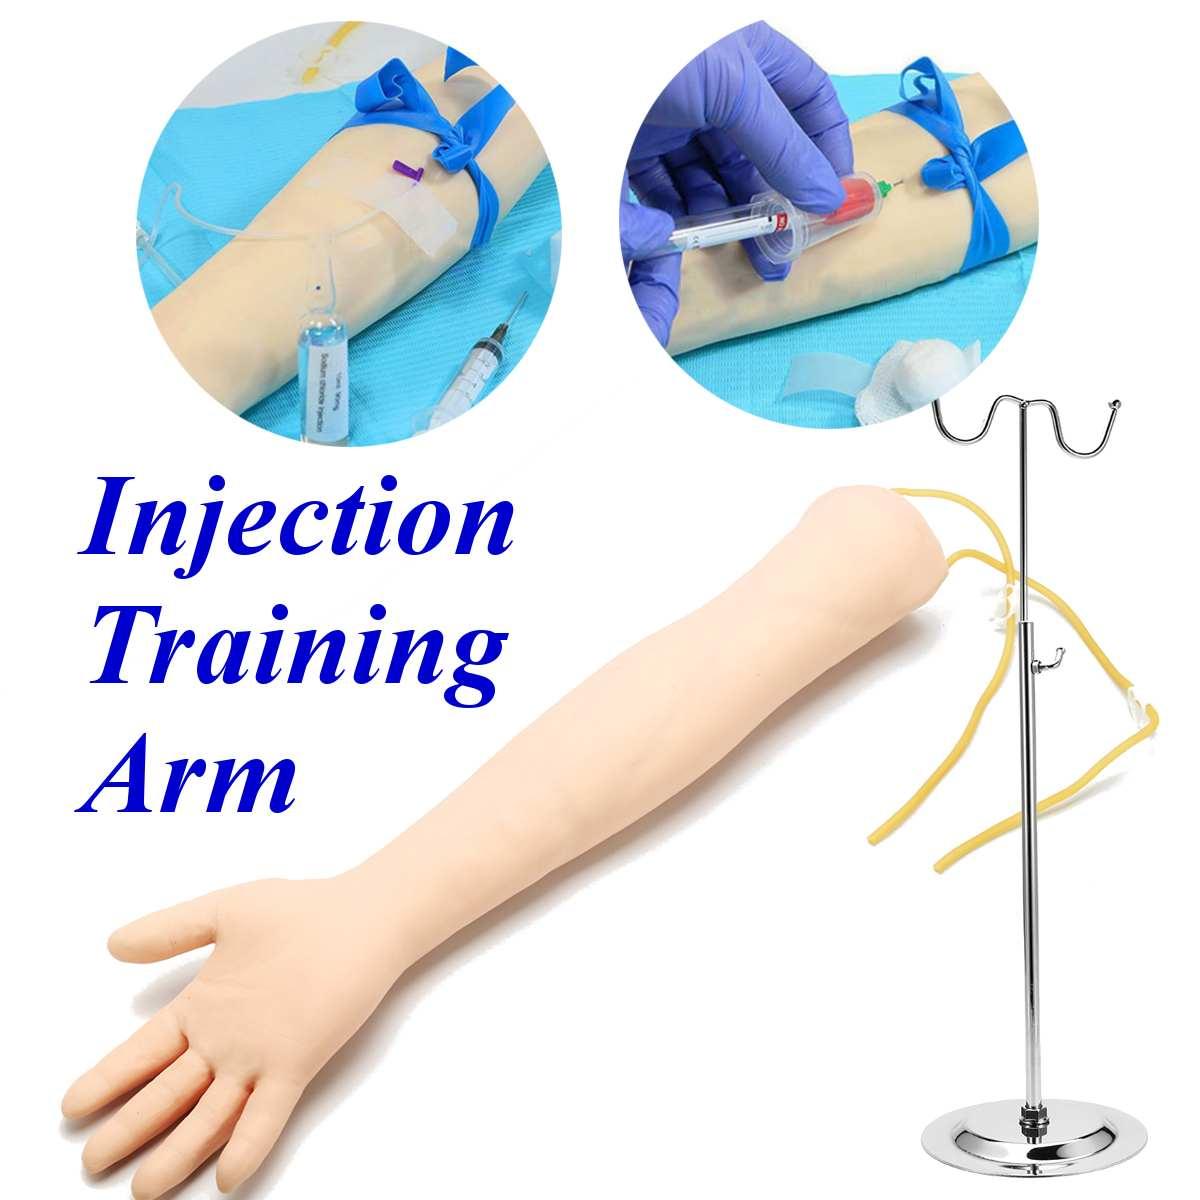 IV práctica brazo flebotomía MODELO DE venipuntura con soporte brazo adulto entrenamiento de venipuntura Escuela Educación modelo médico nuevo